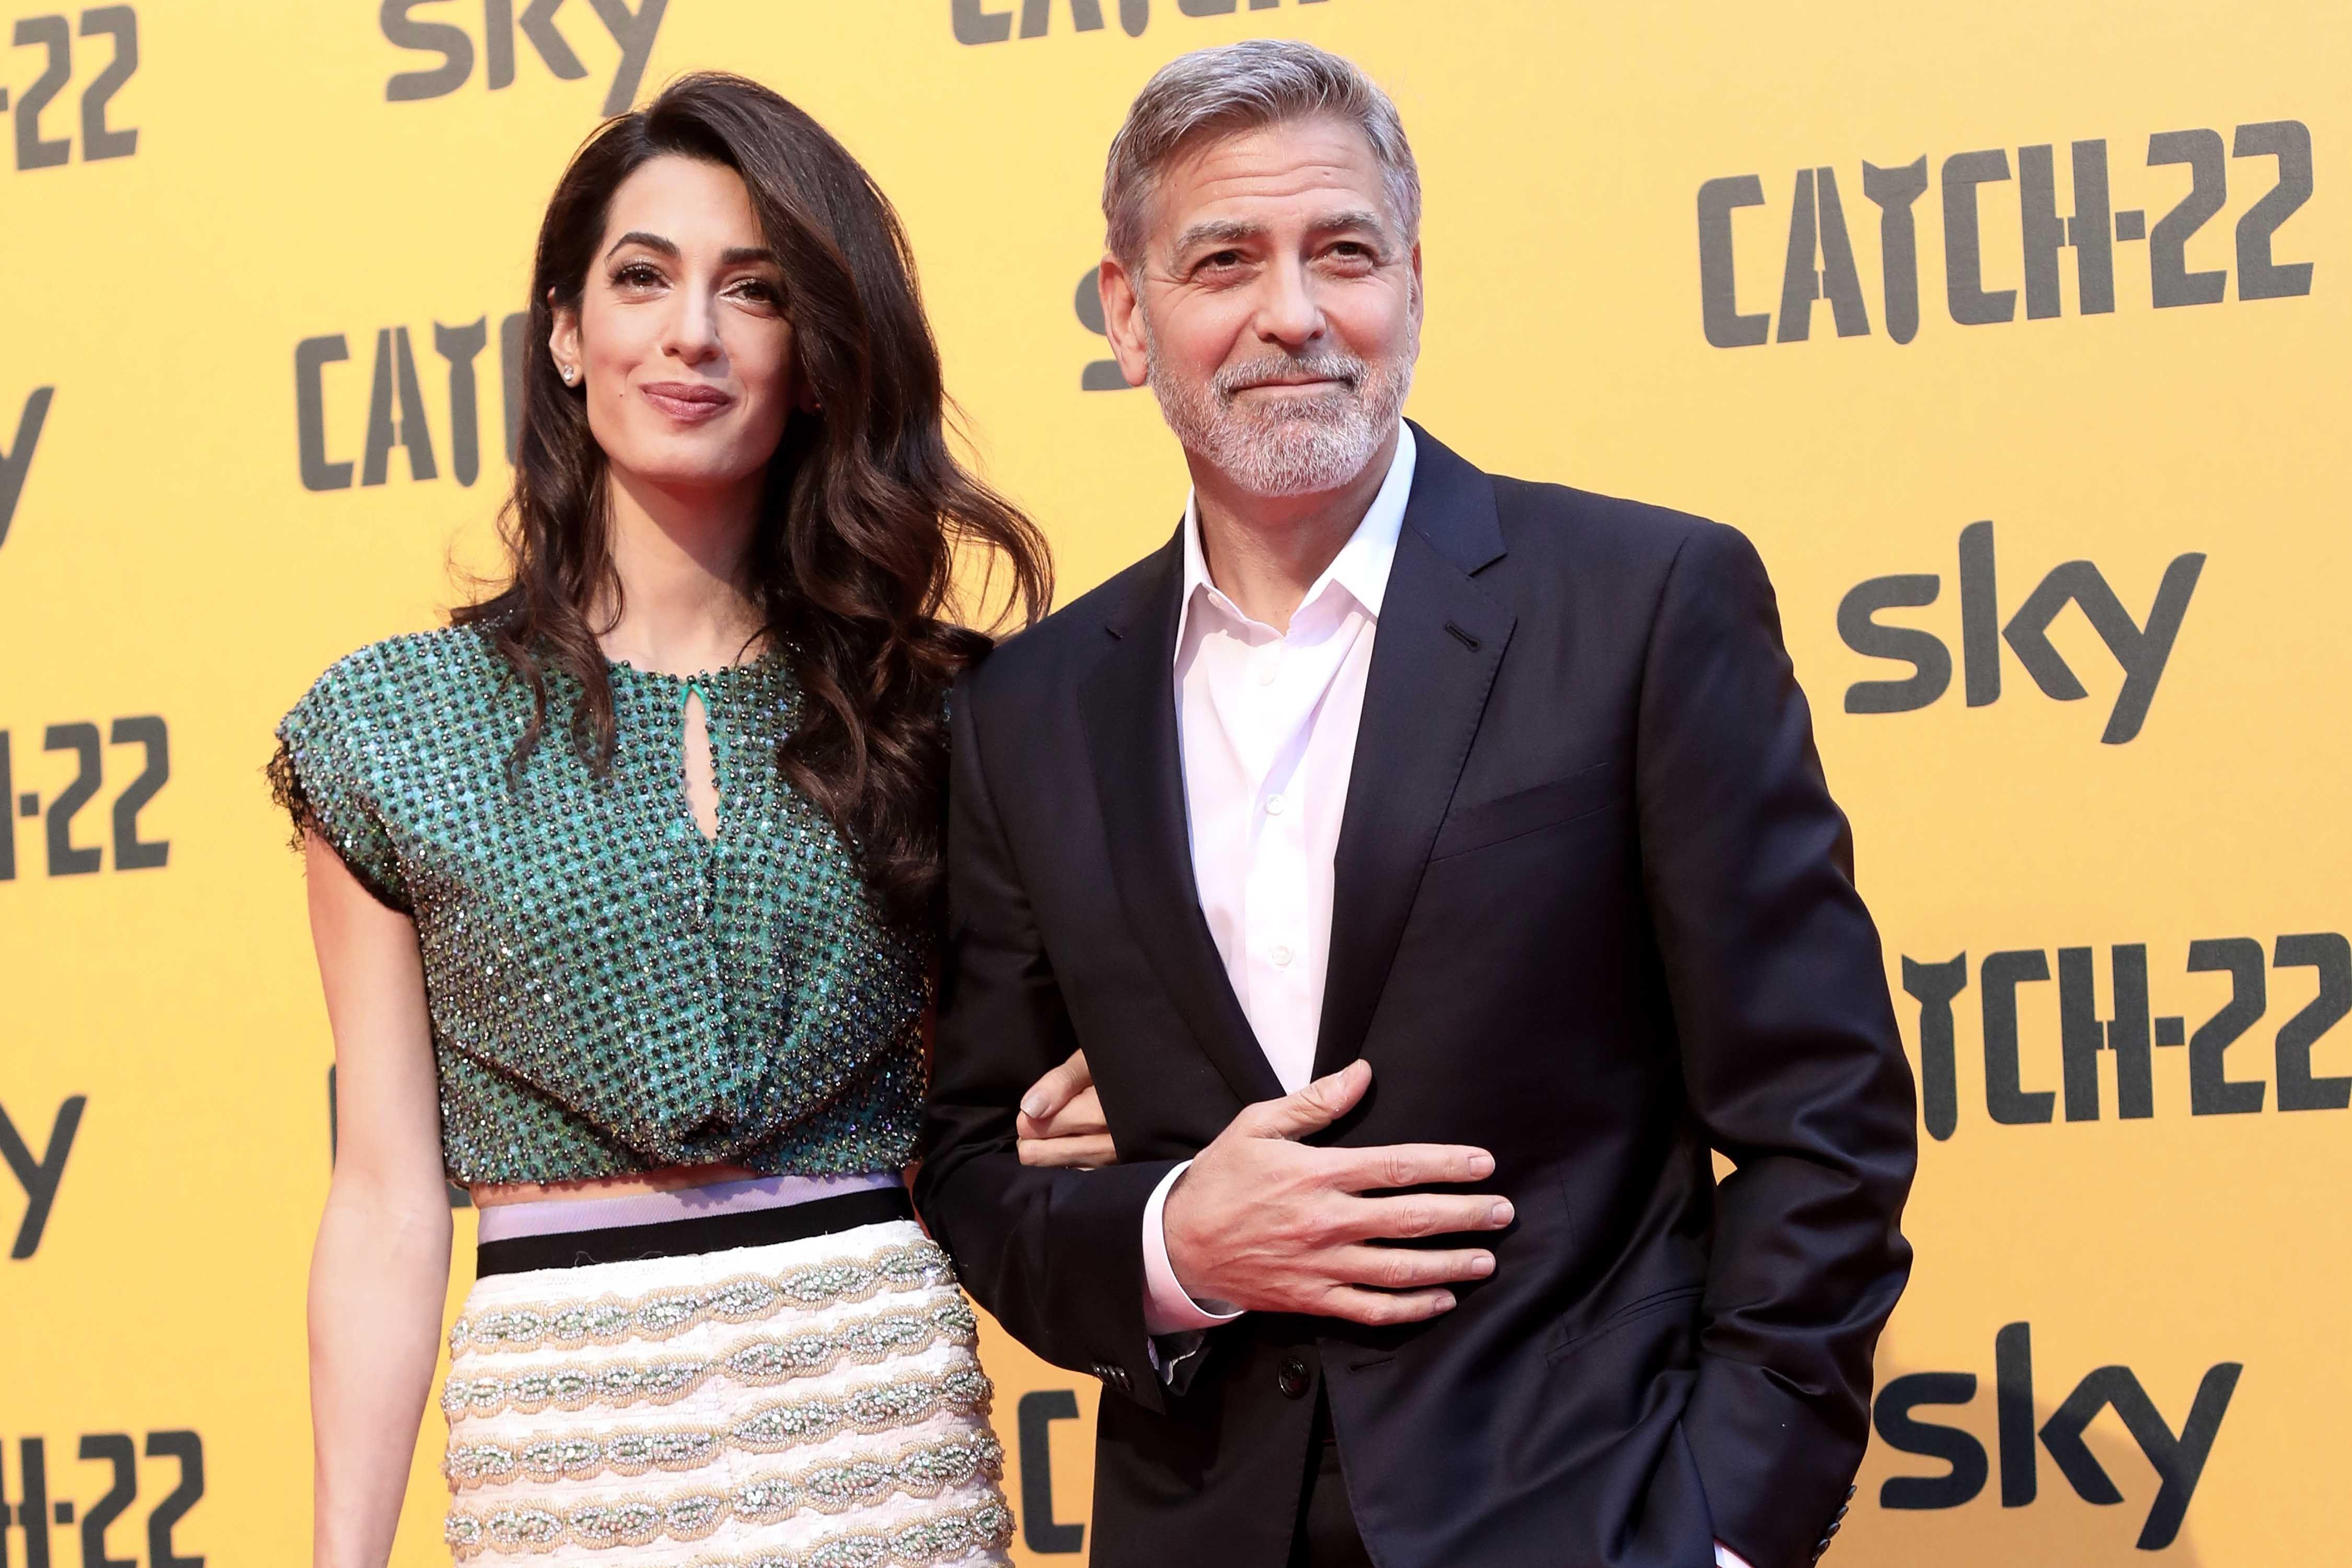 Amal Clooney Style - Photos of Amal Alamuddin's Best Fashion